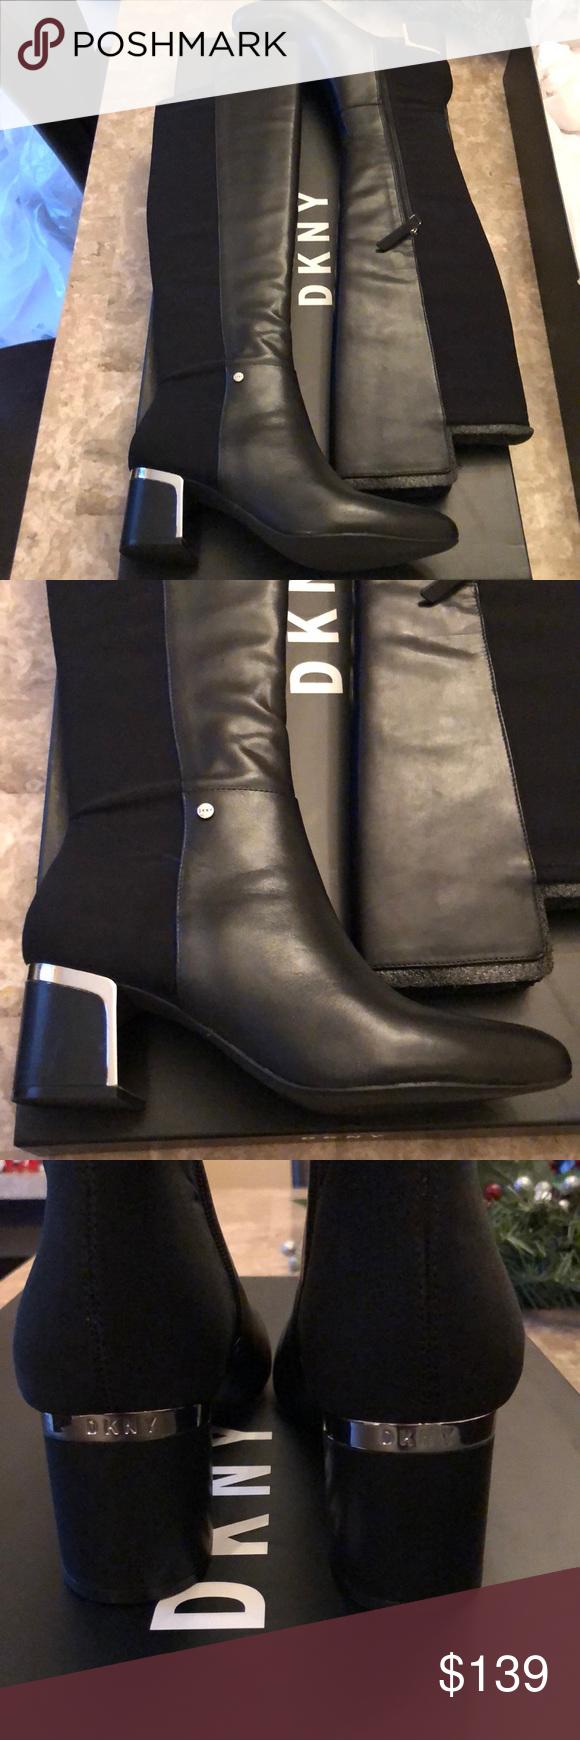 43e4abafd39 dkny cora knee high boot New dkny cora knee high boots Dkny Shoes Over the Knee  Boots